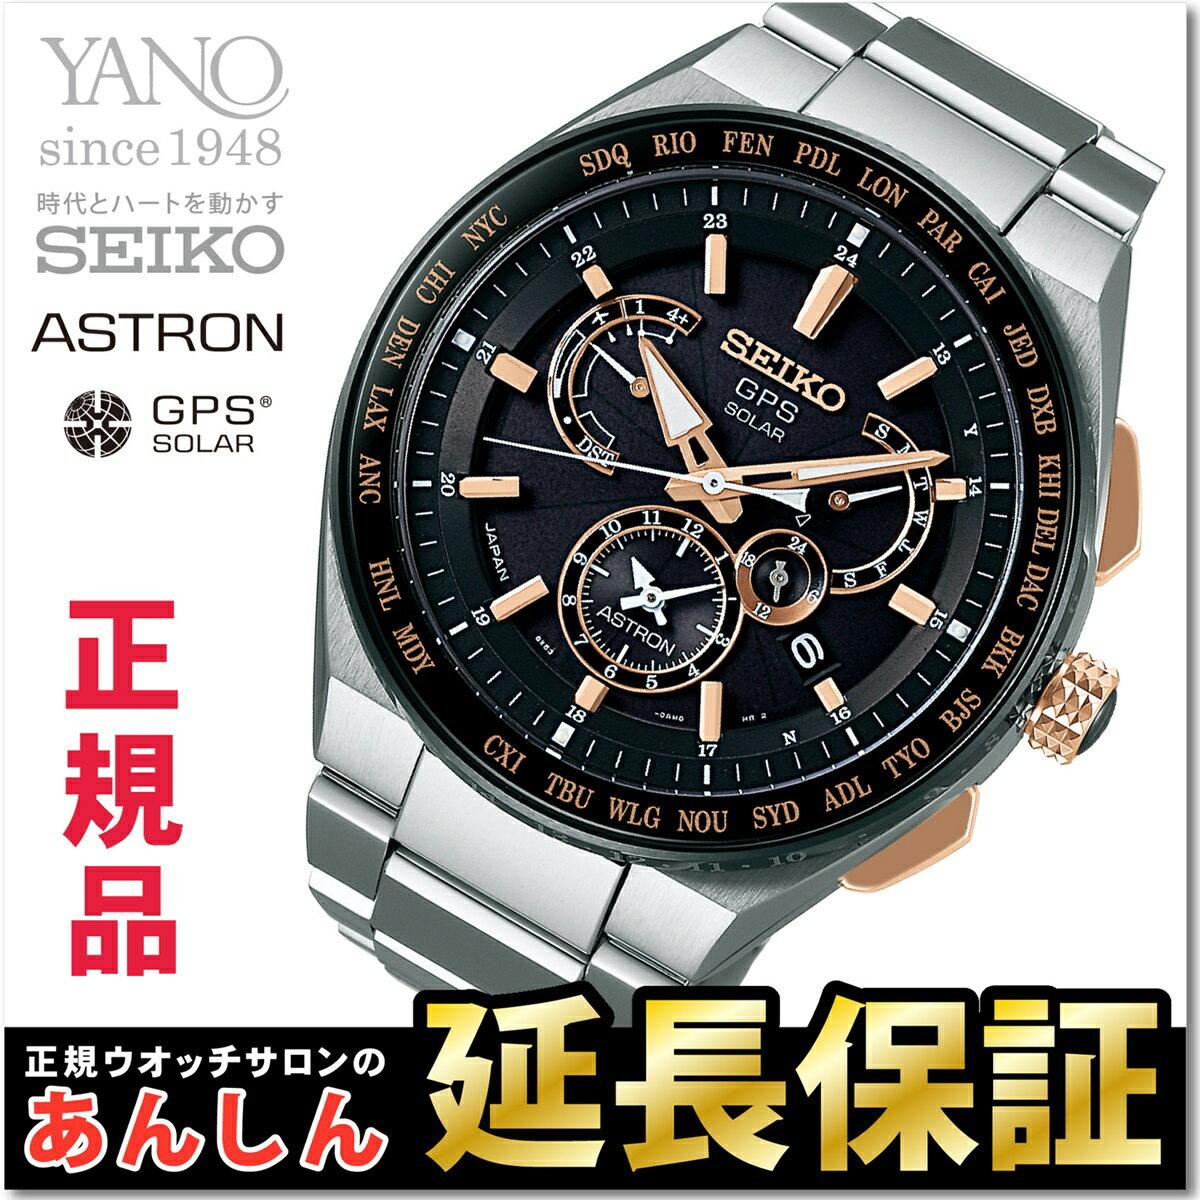 【当店だけのノベルティトレイ&ショッパー付き!】SEIKO ASTRON セイコー アストロン SBXB125 エグゼクティブライン GPSソーラー 衛星電波時計 メンズ 腕時計 【0617】_10spl※6月23日発売